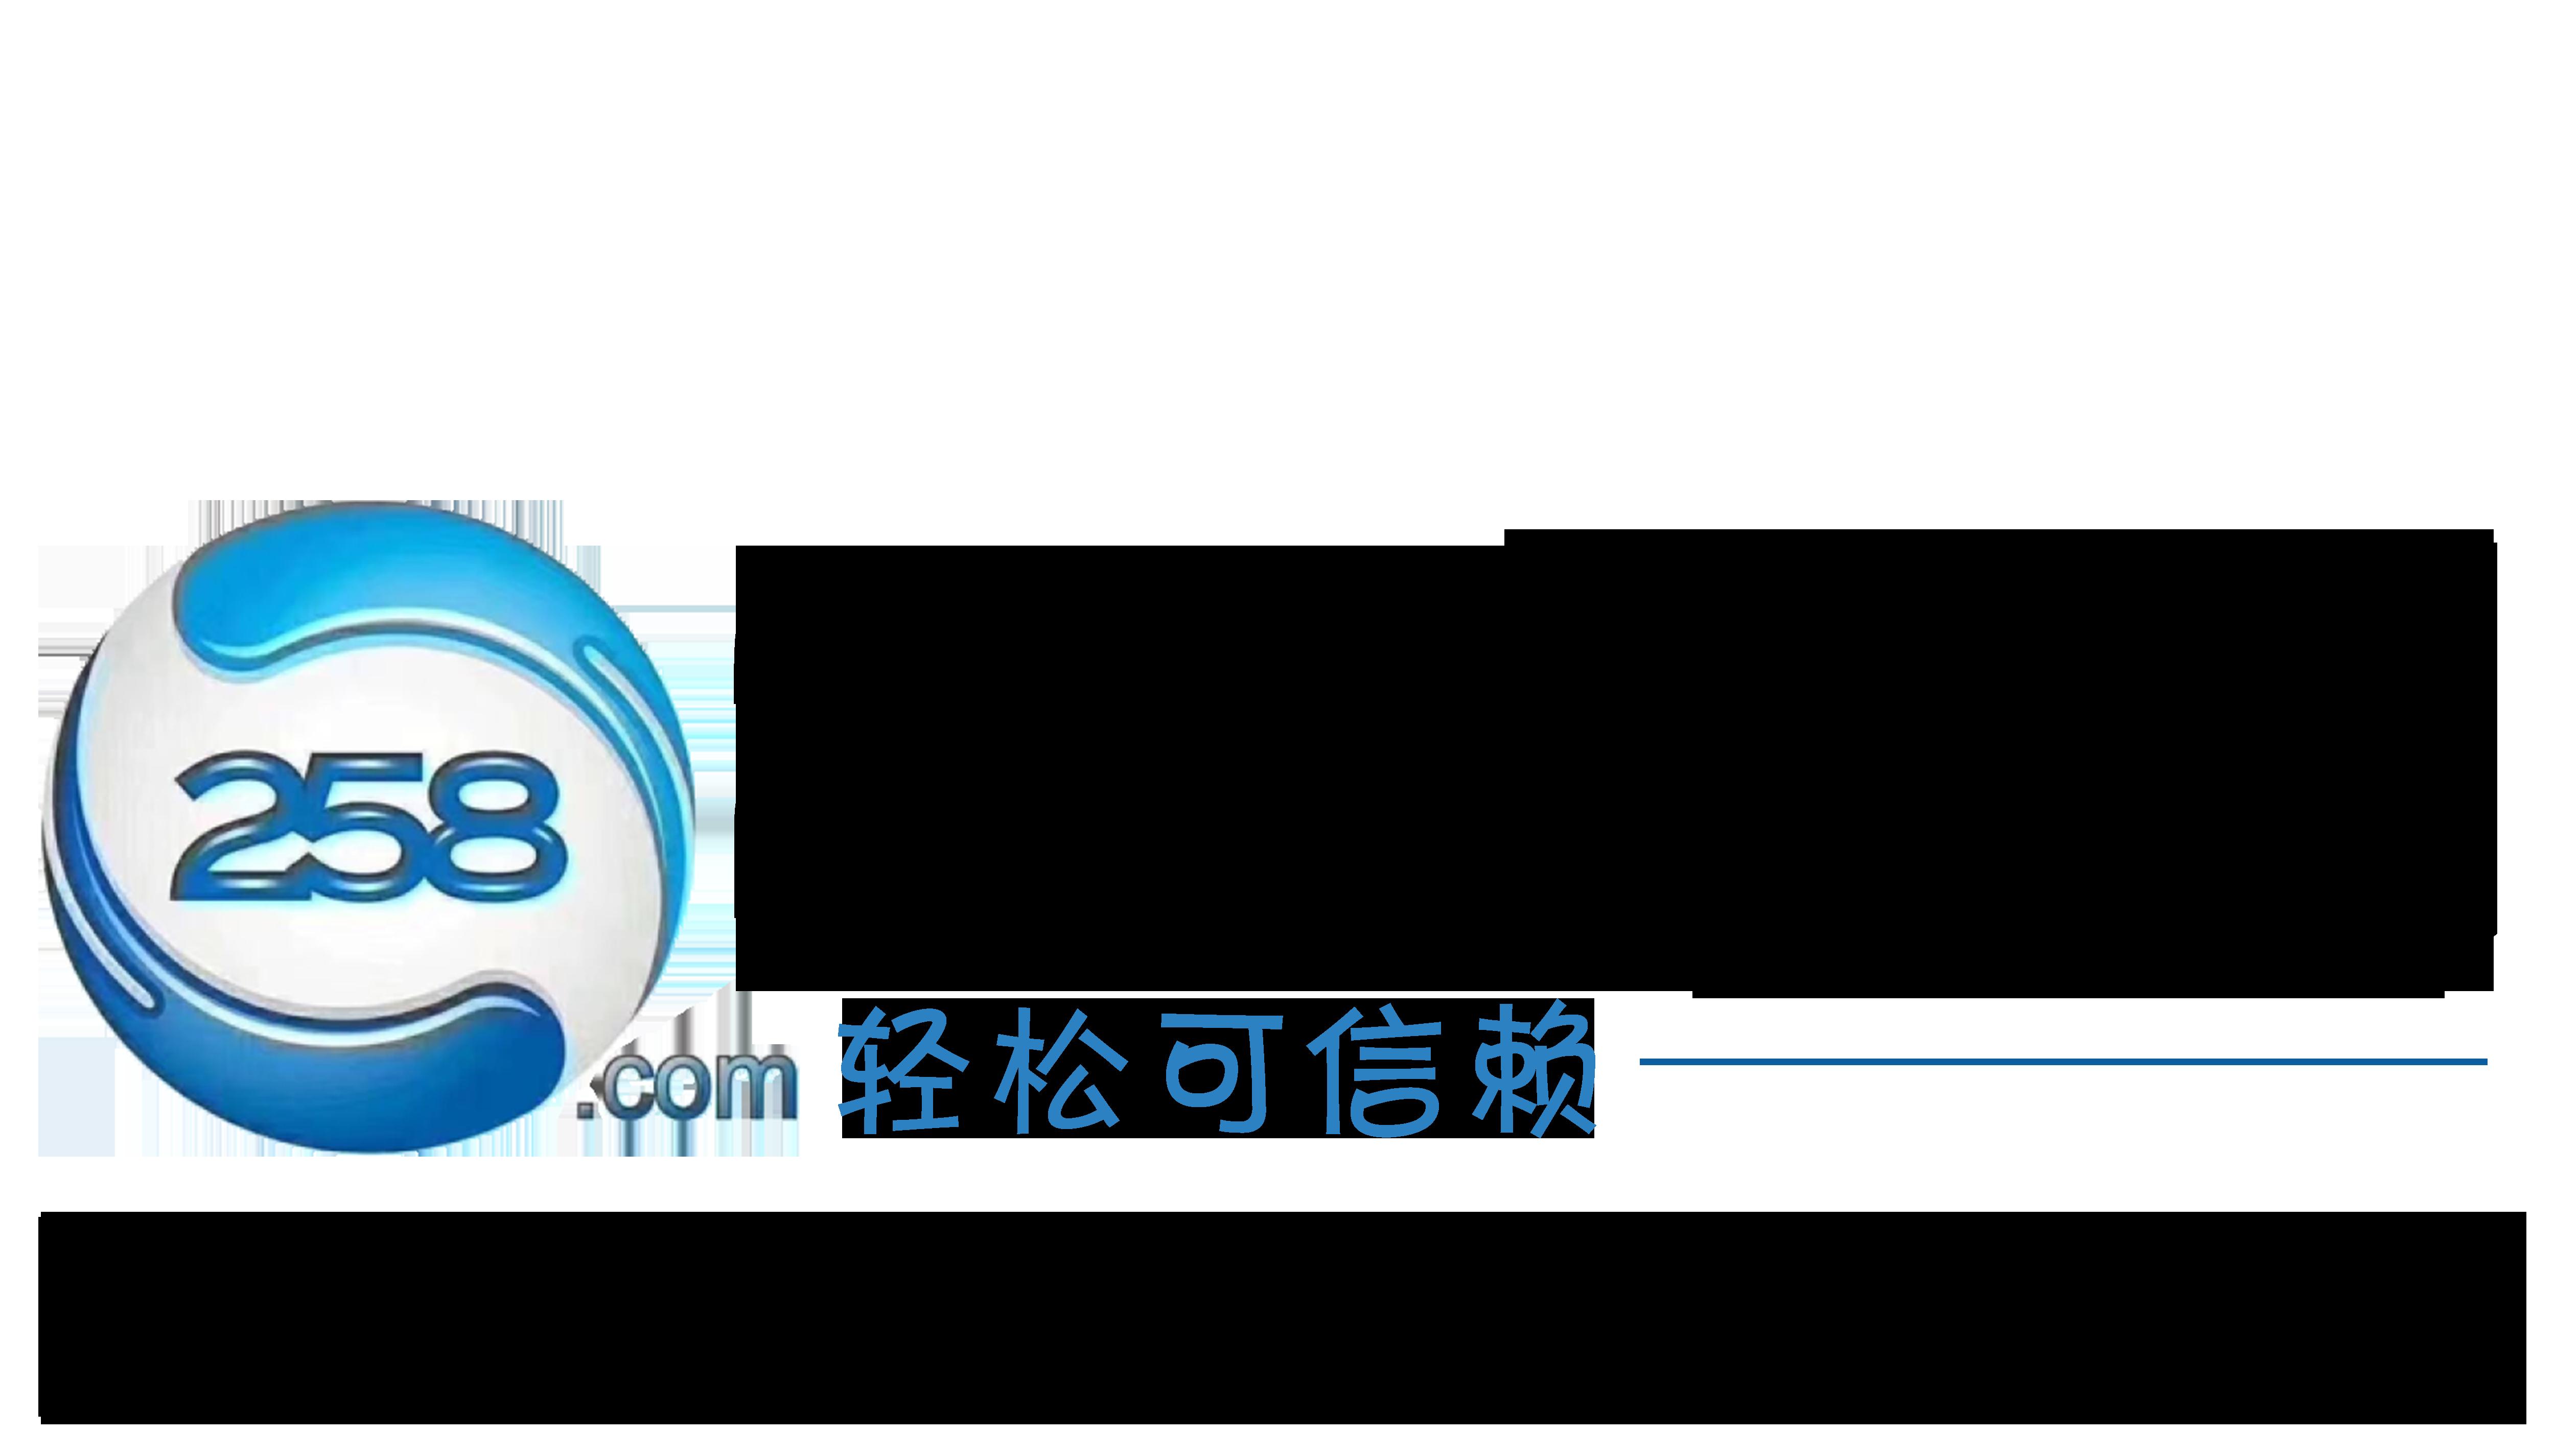 哈尔滨友拓科技有限公司